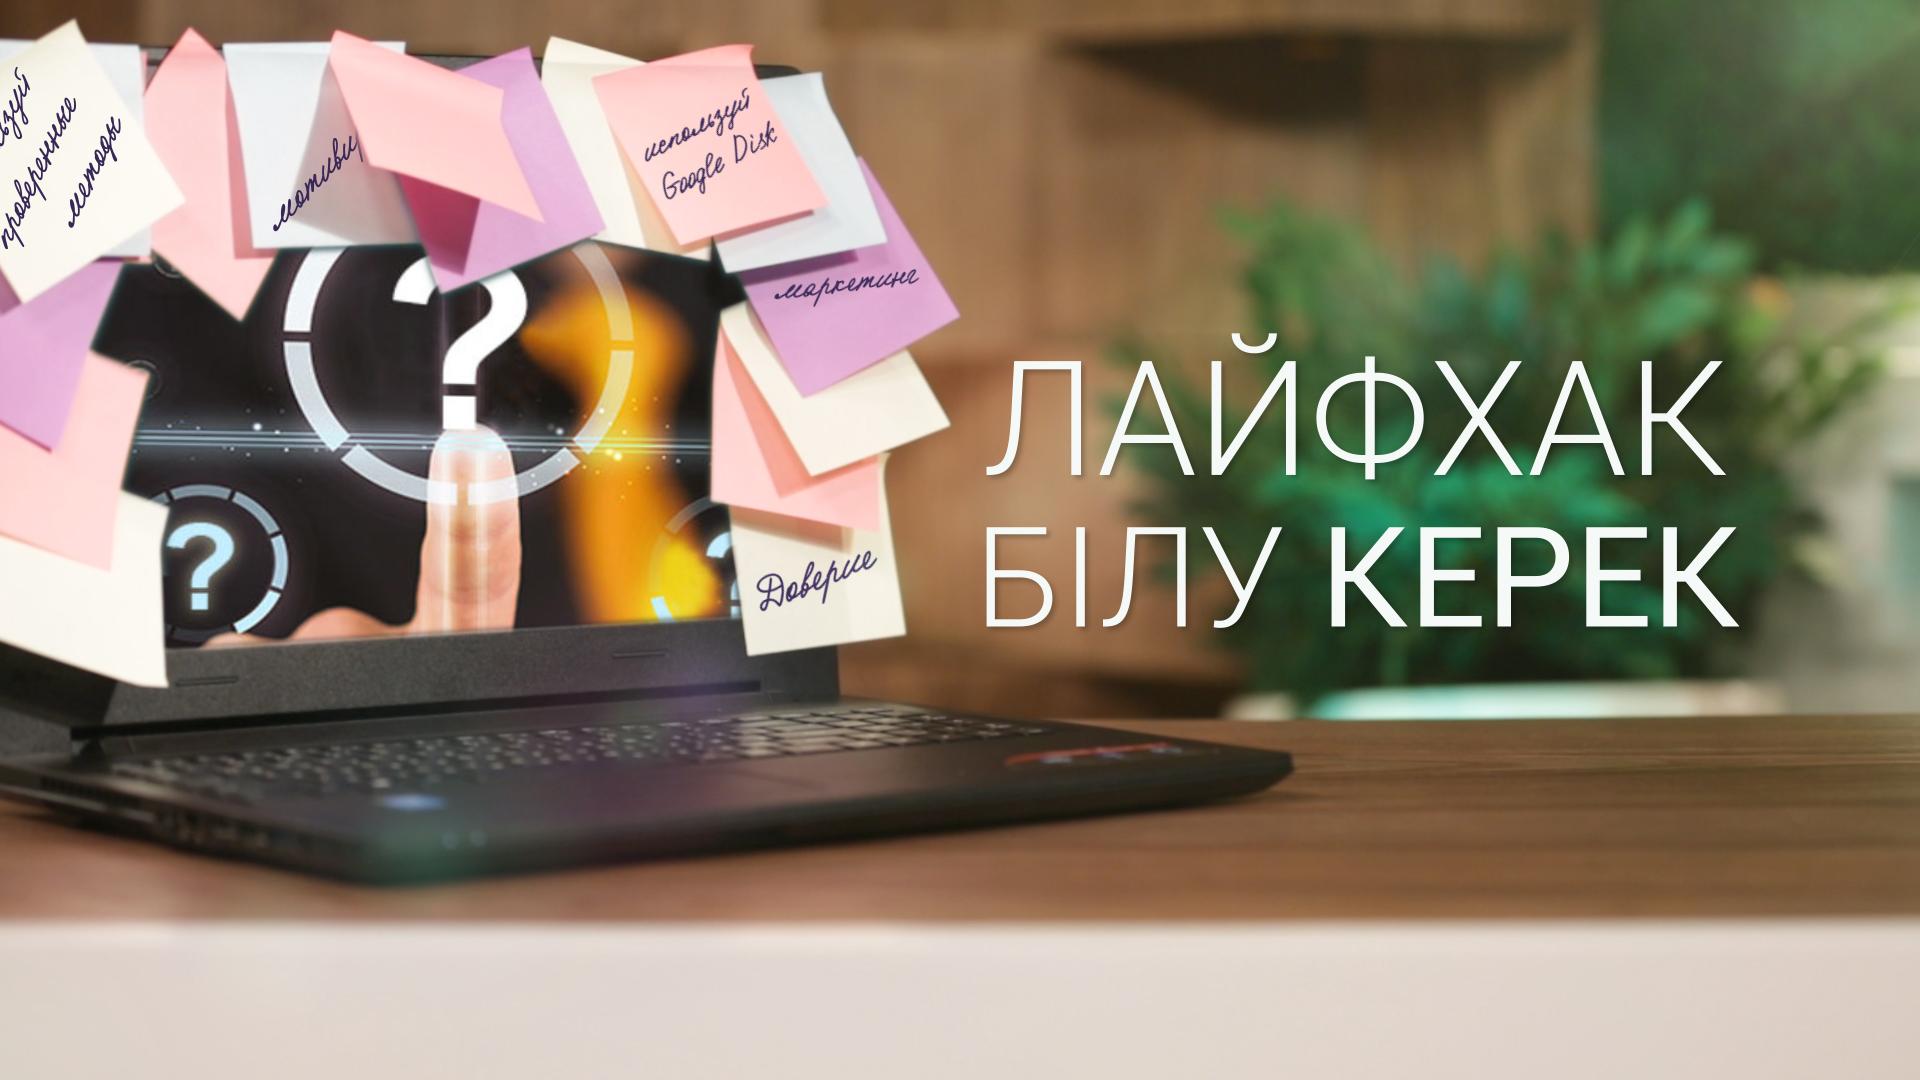 https://inbusiness.kz/ru/images/original/1/images/80fdh0BR.jpg